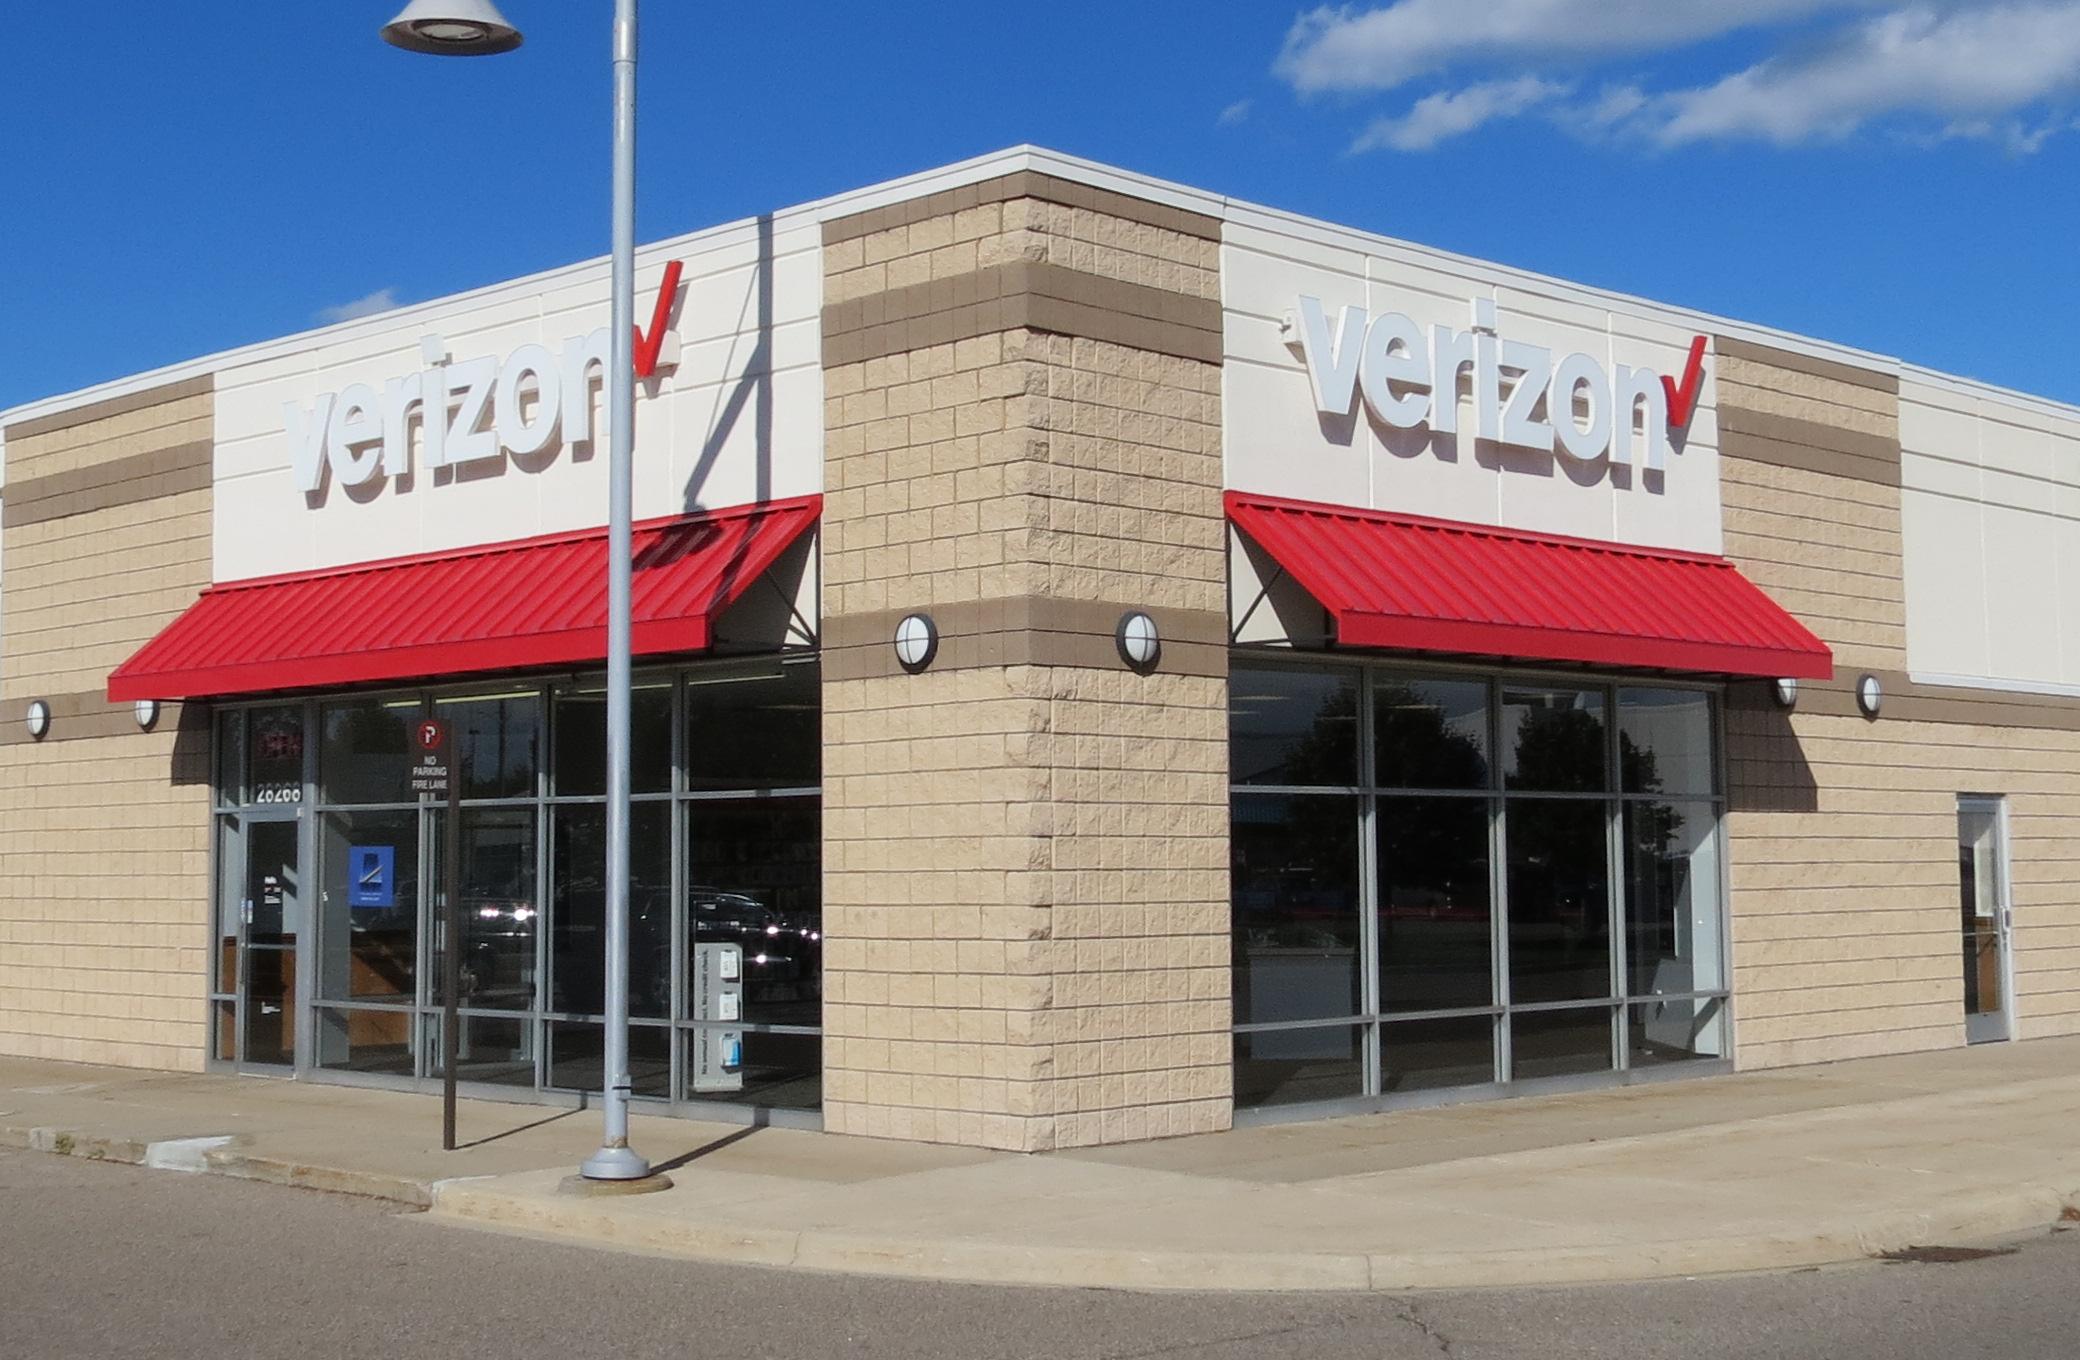 Warren Store Image